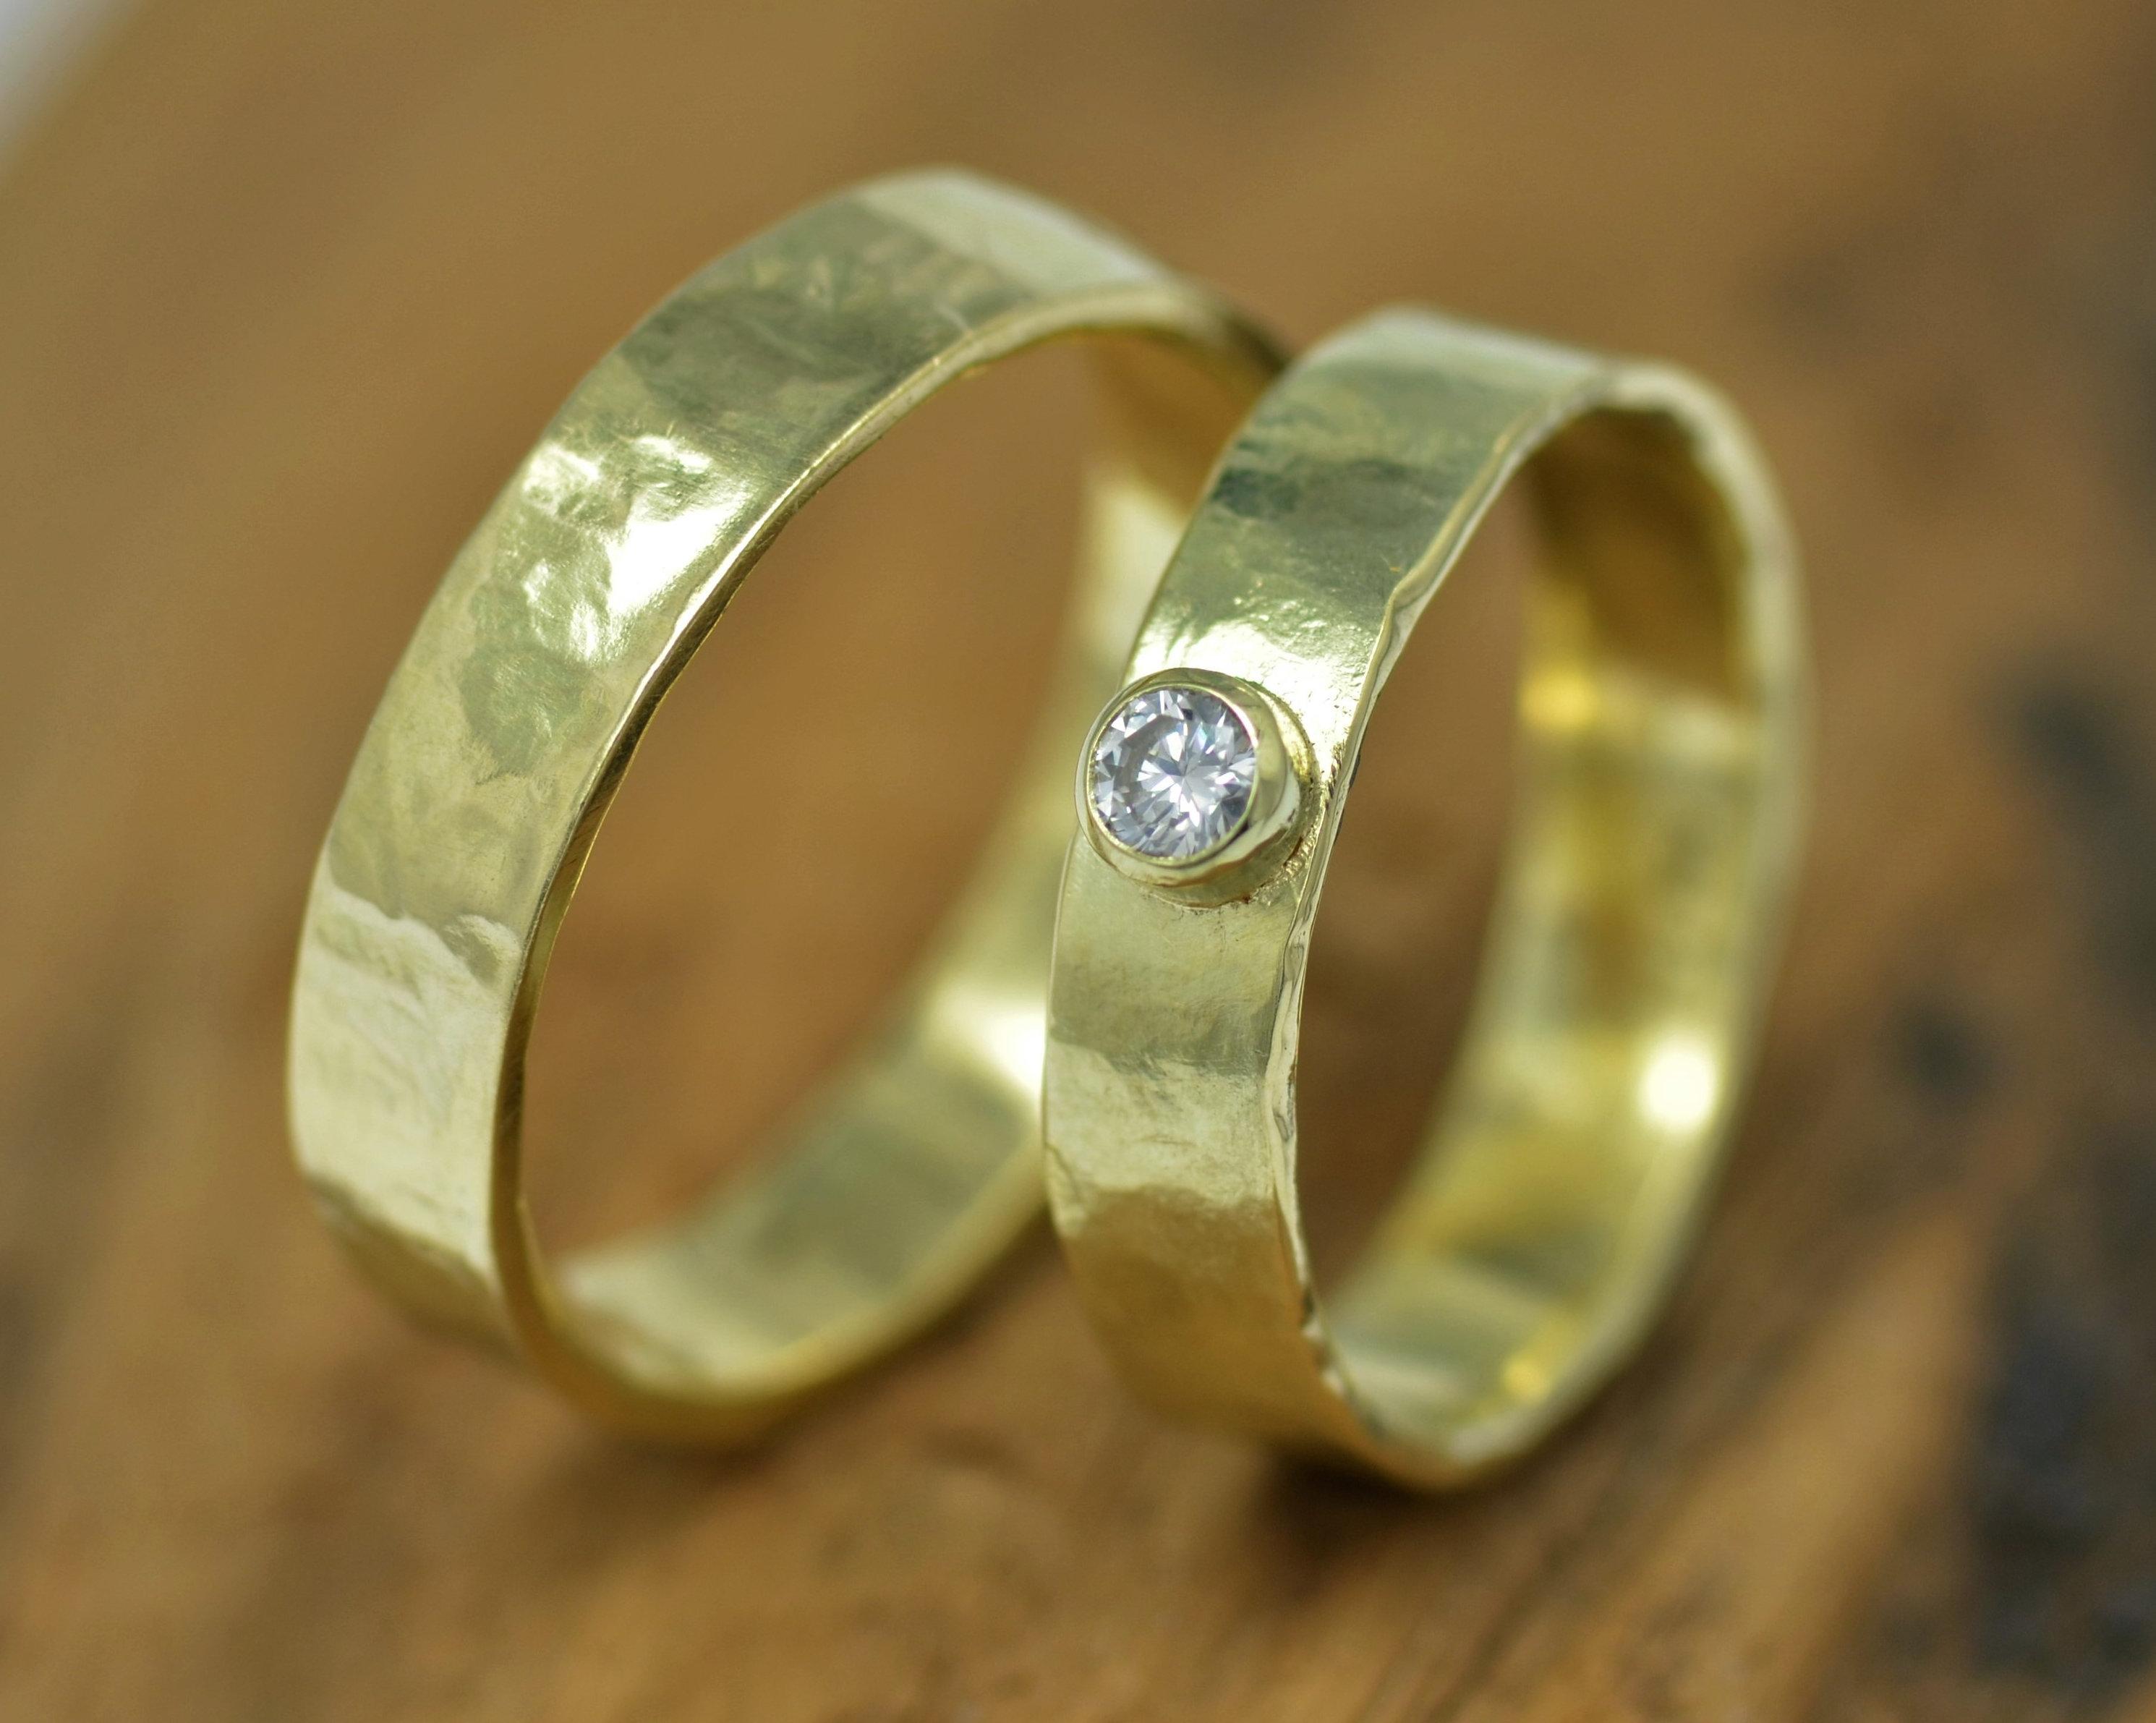 Nieuw sieraad uit oud goud, veranderen en vermaken van geërfde sieraden herinneringssieraden